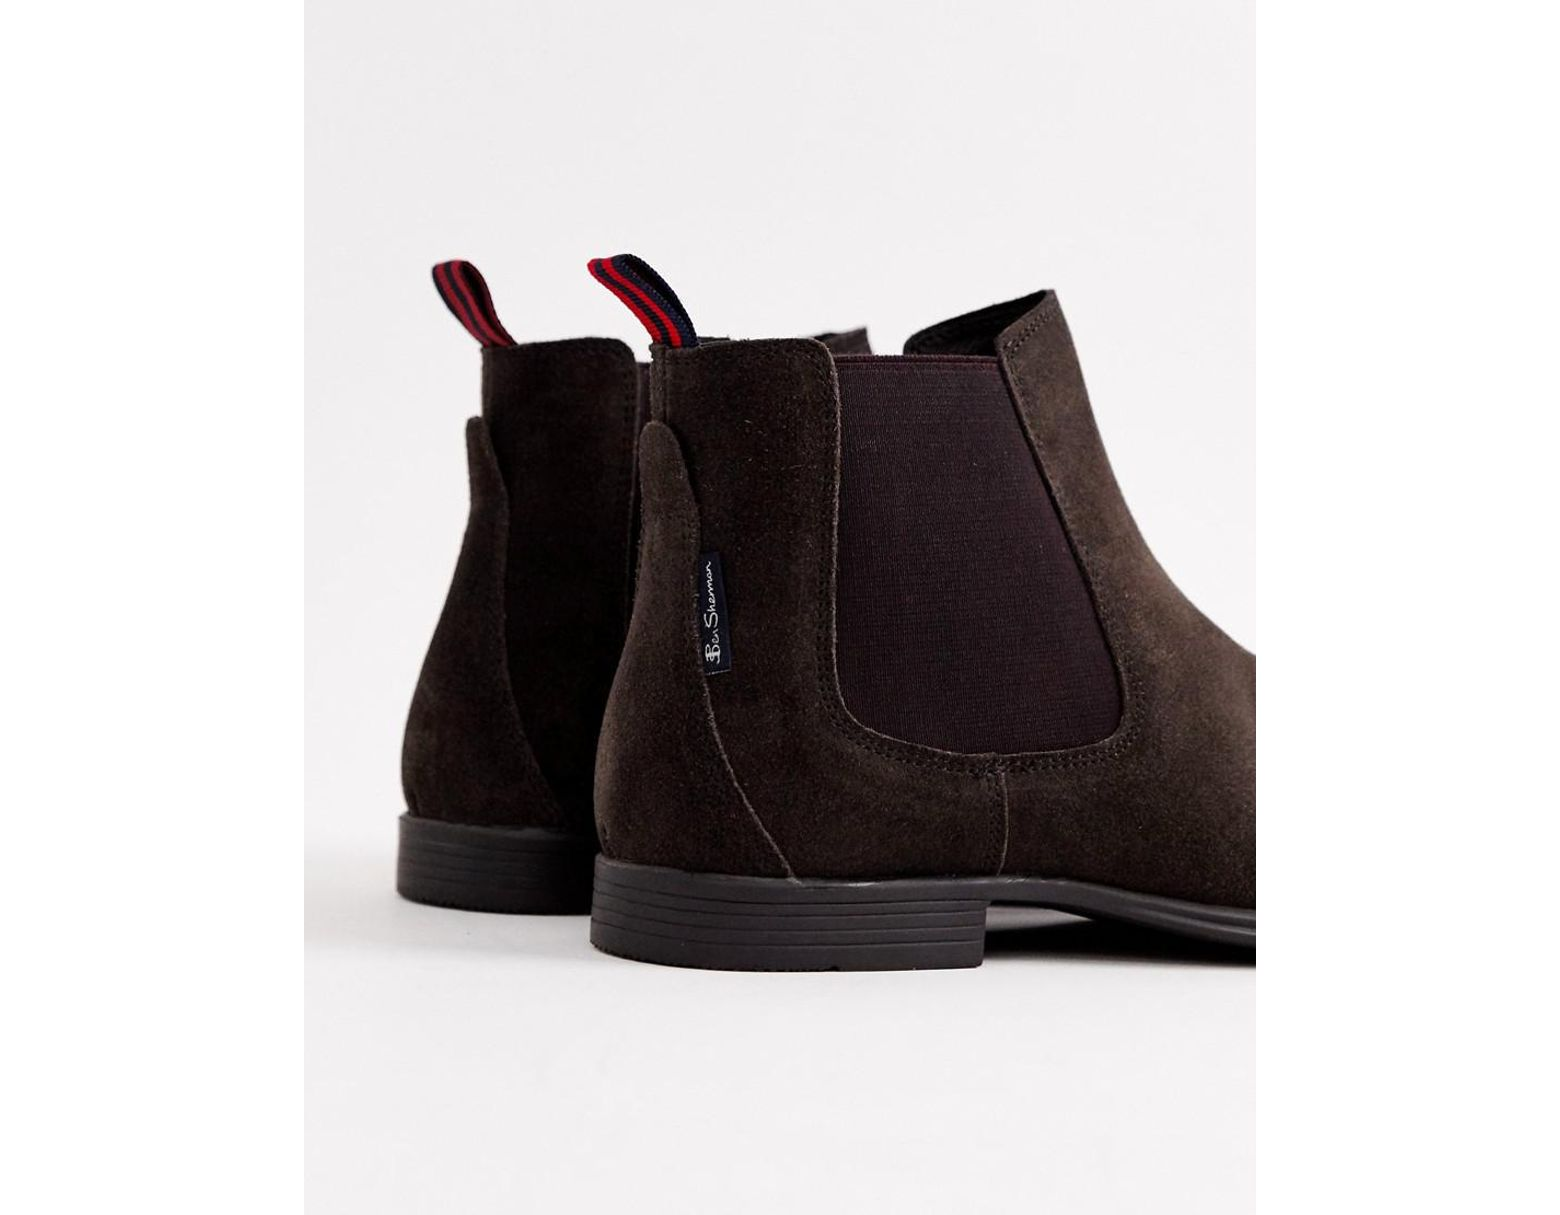 c6fd667d8b4 Men's Suede Chelsea Boot In Brown